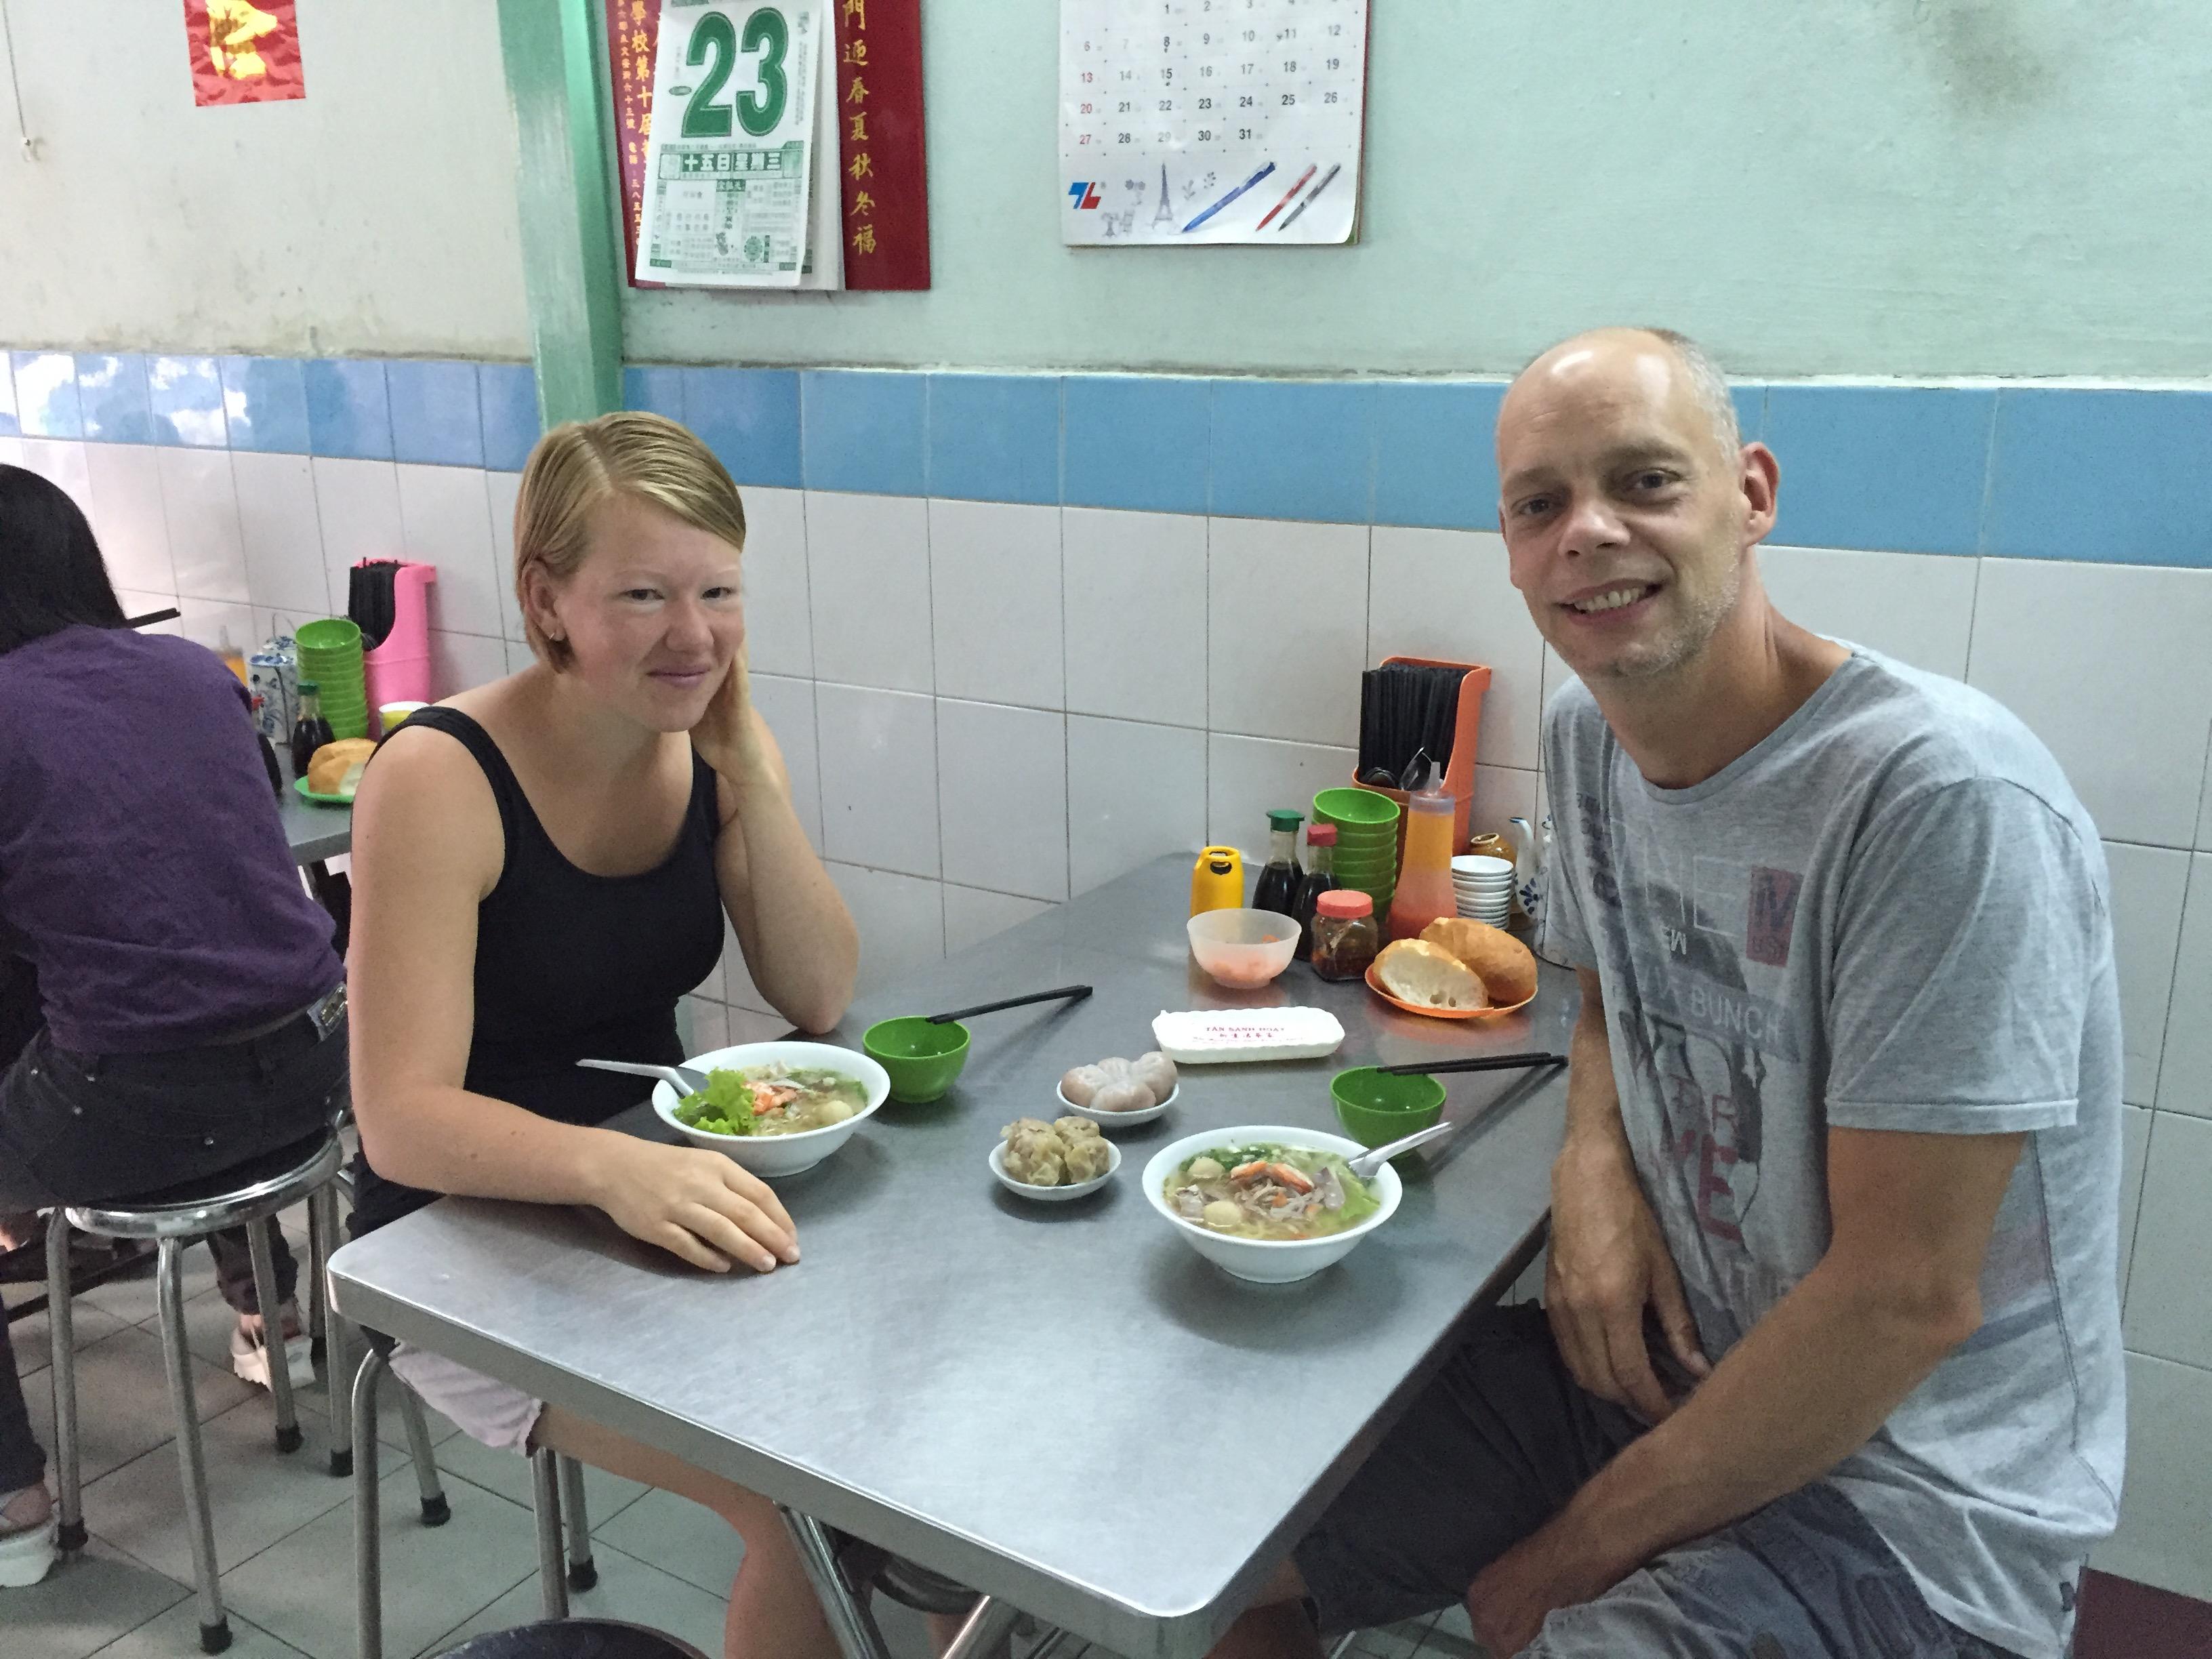 Yvonderweg - Hallo Ho Chi Minh! - Vietnamees ontbijtrestaurantje